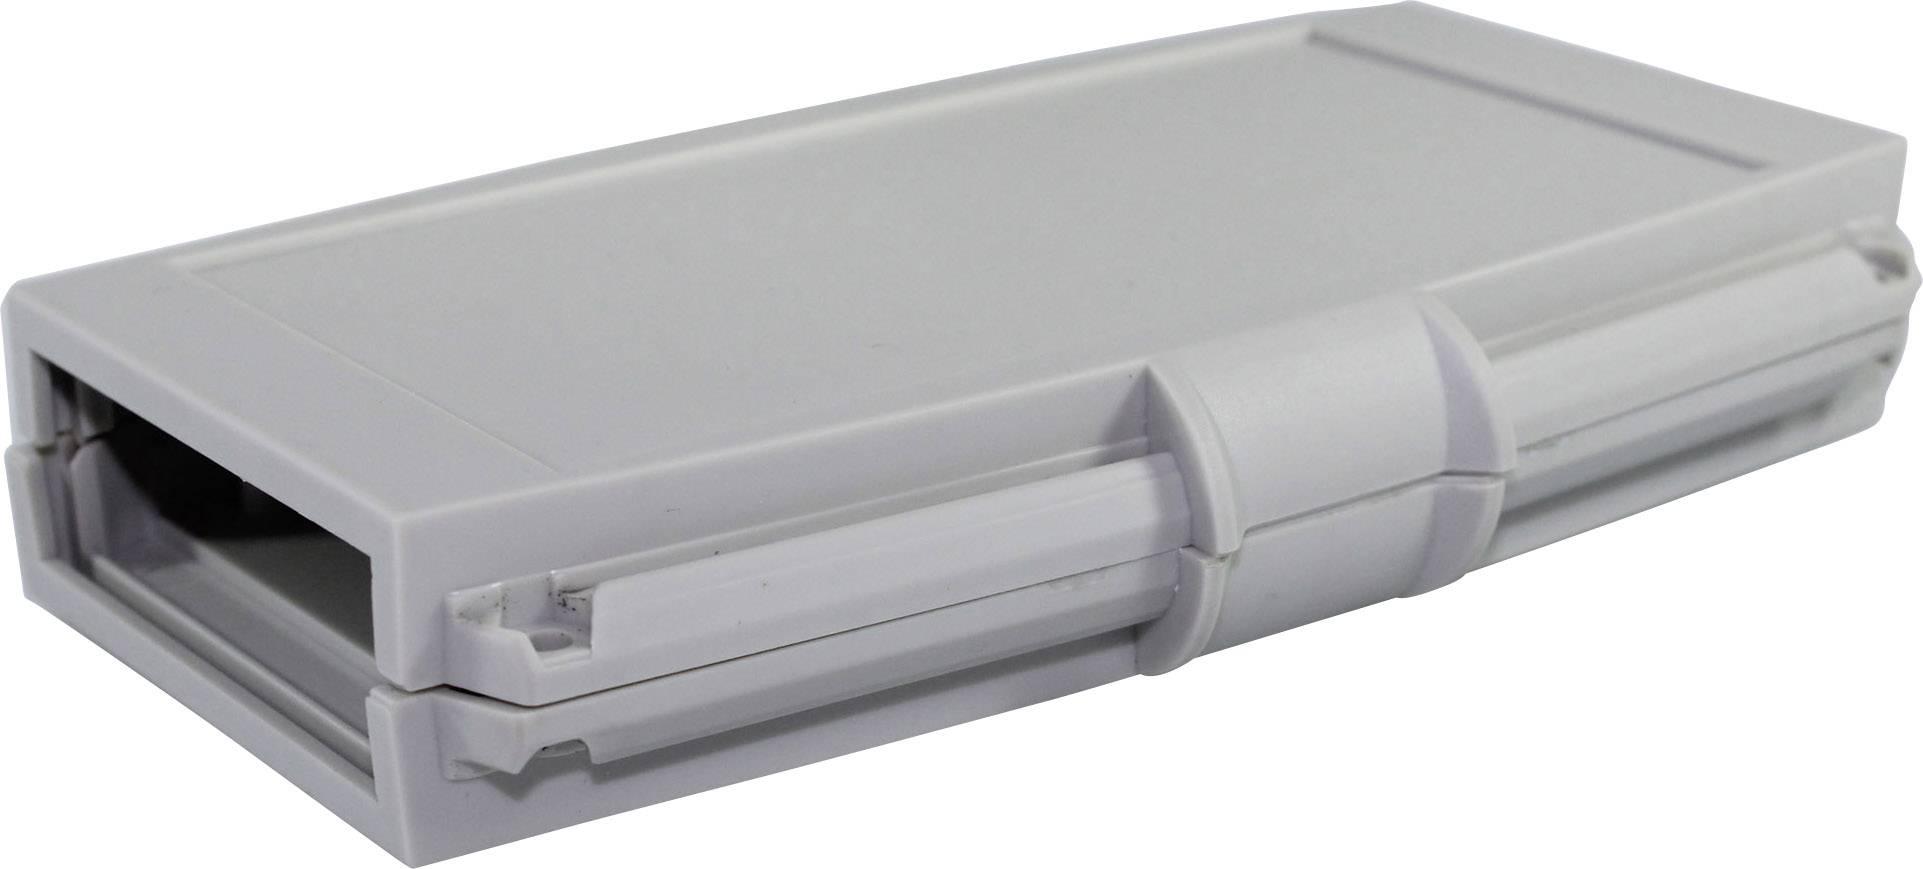 Plastová krabička Axxatronic CHH661NGY, 145 x 95 x 25 mm, ABS, svetlo sivá, 1 ks